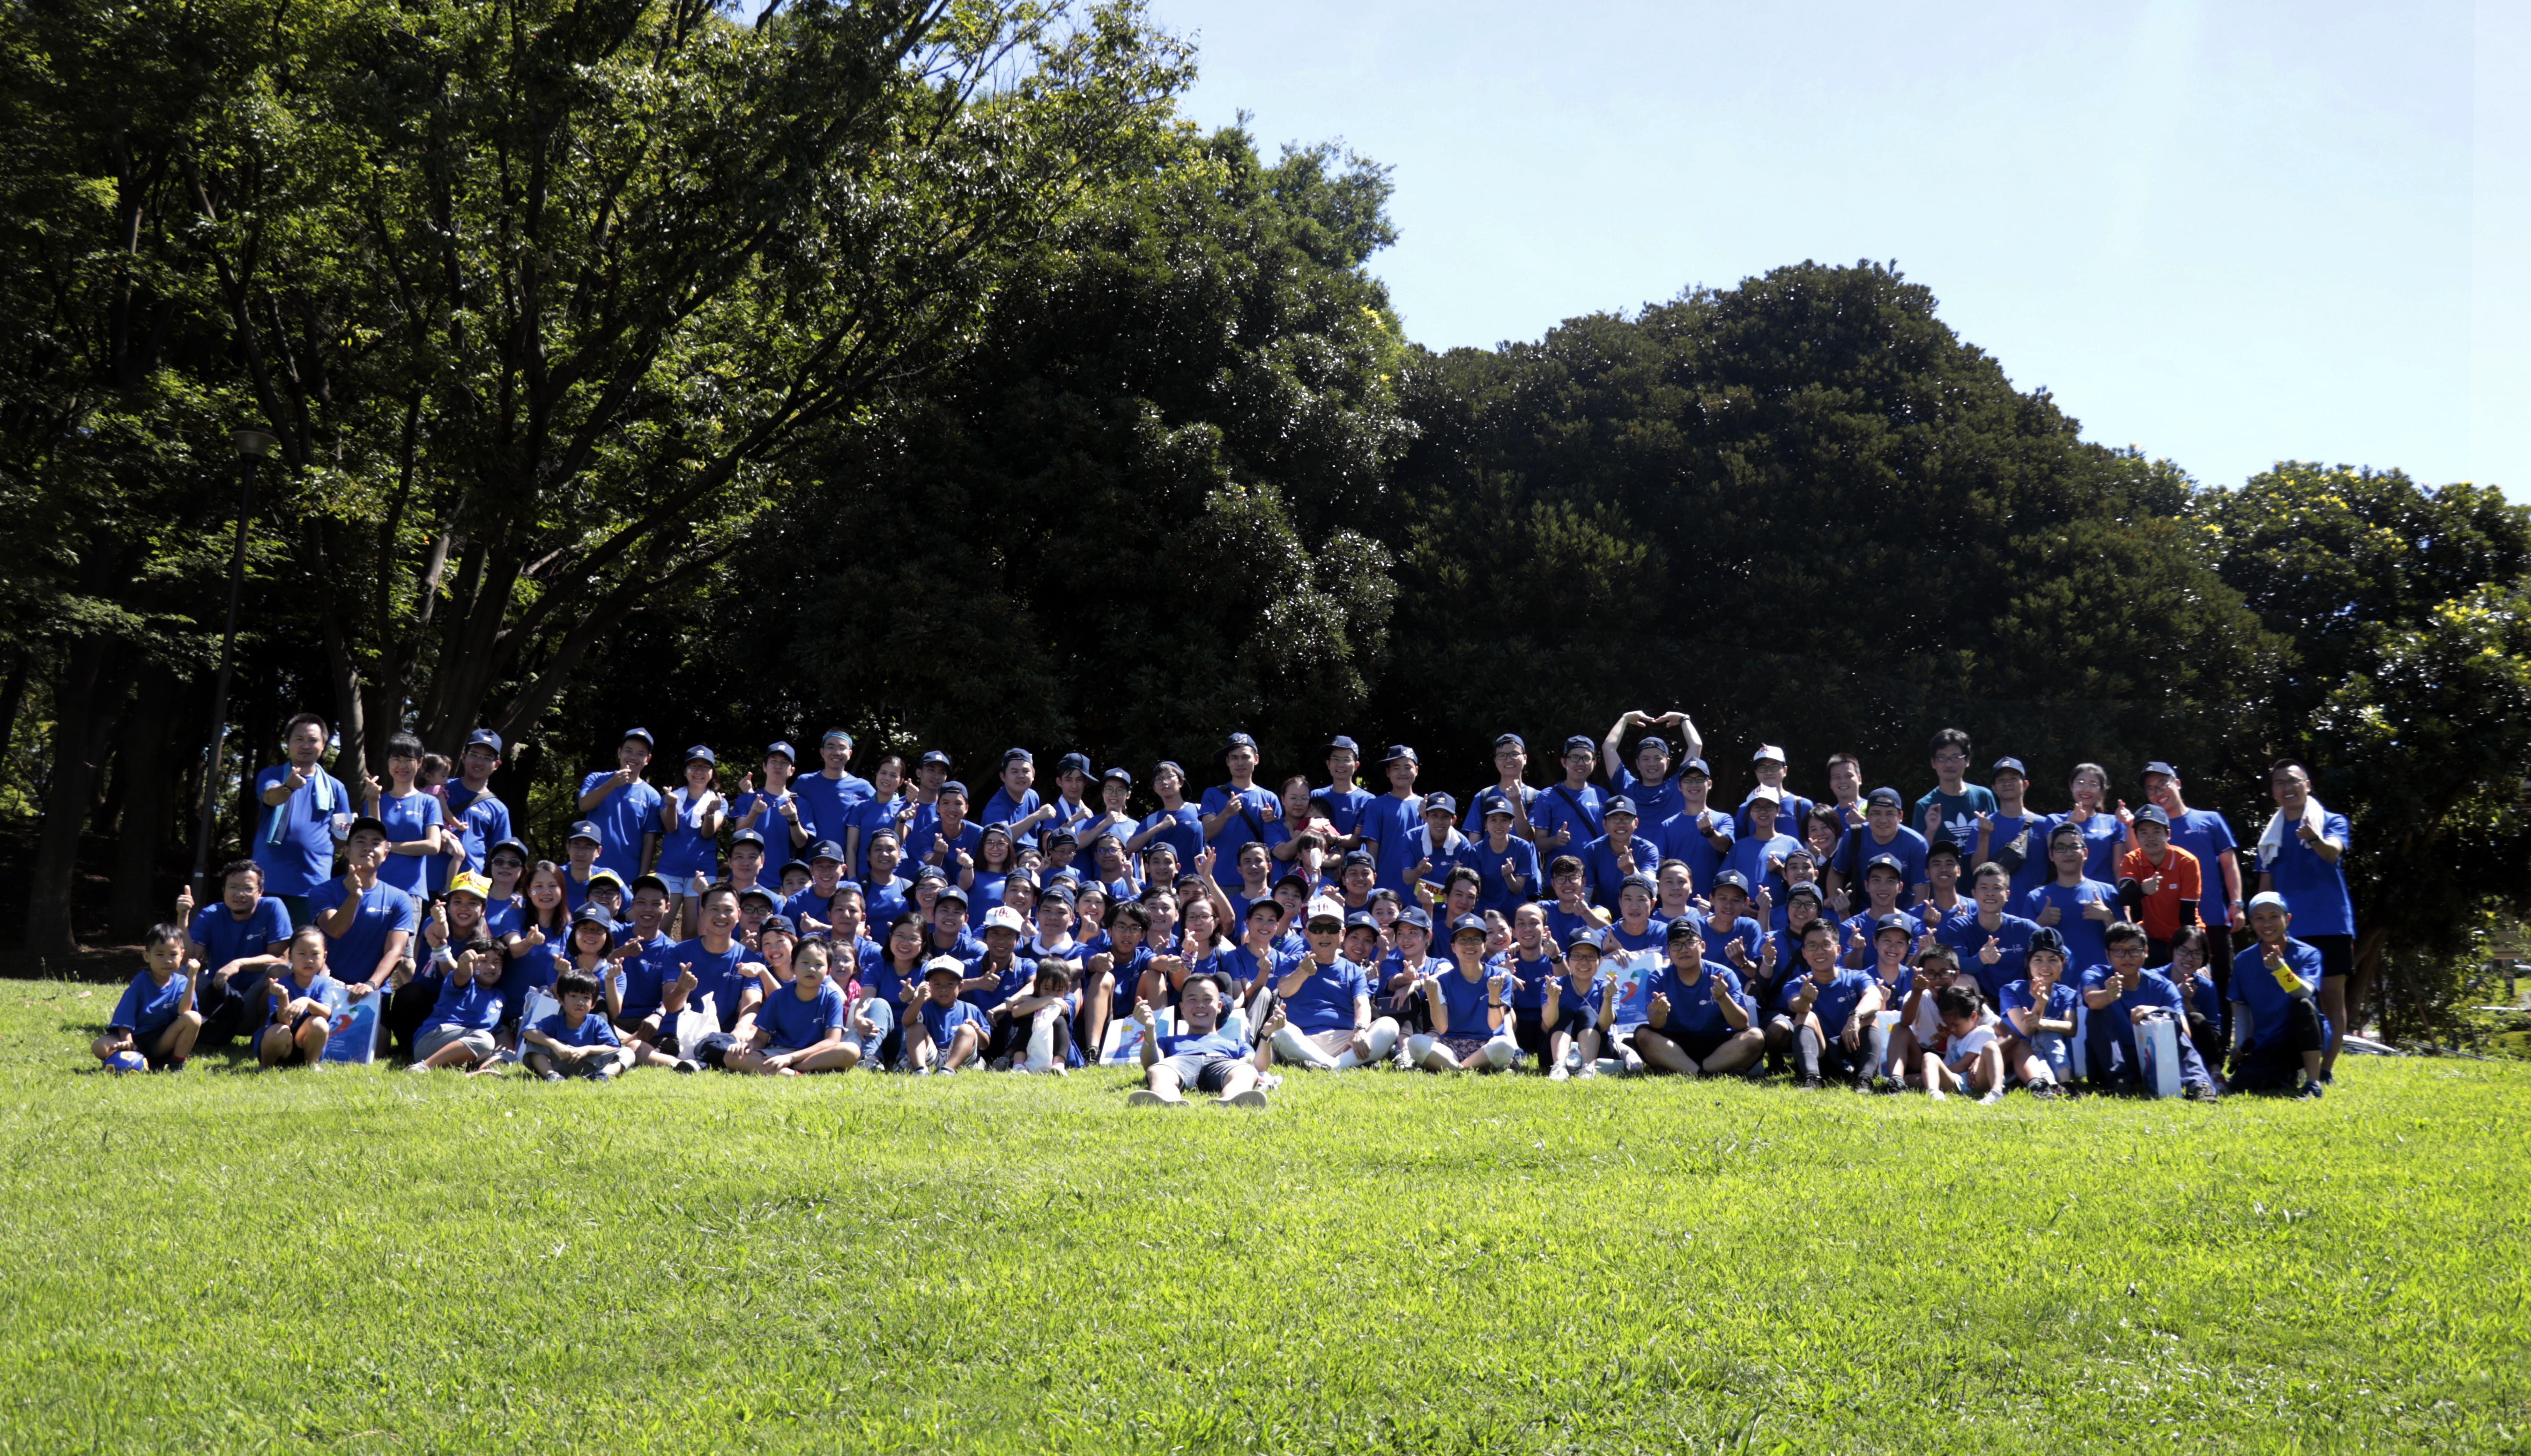 FPT Japan đặt mục tiêu 100.000 km, trồng 5.000 cây xanh với 500 vận động viên tham gia chạy, đi bộ trong vòng thời gian chiến dịch từ 1/8 đến ngày 6/9. Sau gần 1 tháng phát động, từ lãnh đạo đến nhân viên FPT Japan đều đặt mục tiêu cho riêng mình. Tính đến ngày 6/9, FPT Japan có 1.000 người cài app myFSOFT, số quãng đường đạt 200.000 km (tương ứng 10.000 cây xanh). FPT Japan đã vượt OKR chạy đặt ra và hoàn thành trước thời hạn. Kết quả, FPT Software có 5.817 CBNV tham gia Run 4 Green trên myFSOFT trong hơn 1 tháng. Số quãng đường chạy được là 540.160 km, ứng với 25.000 cây xanh. Cùng Nhật Bản, chiến dịch Run For Green đã tới FPT Đức, FPT Korea, FPT Mỹ,...